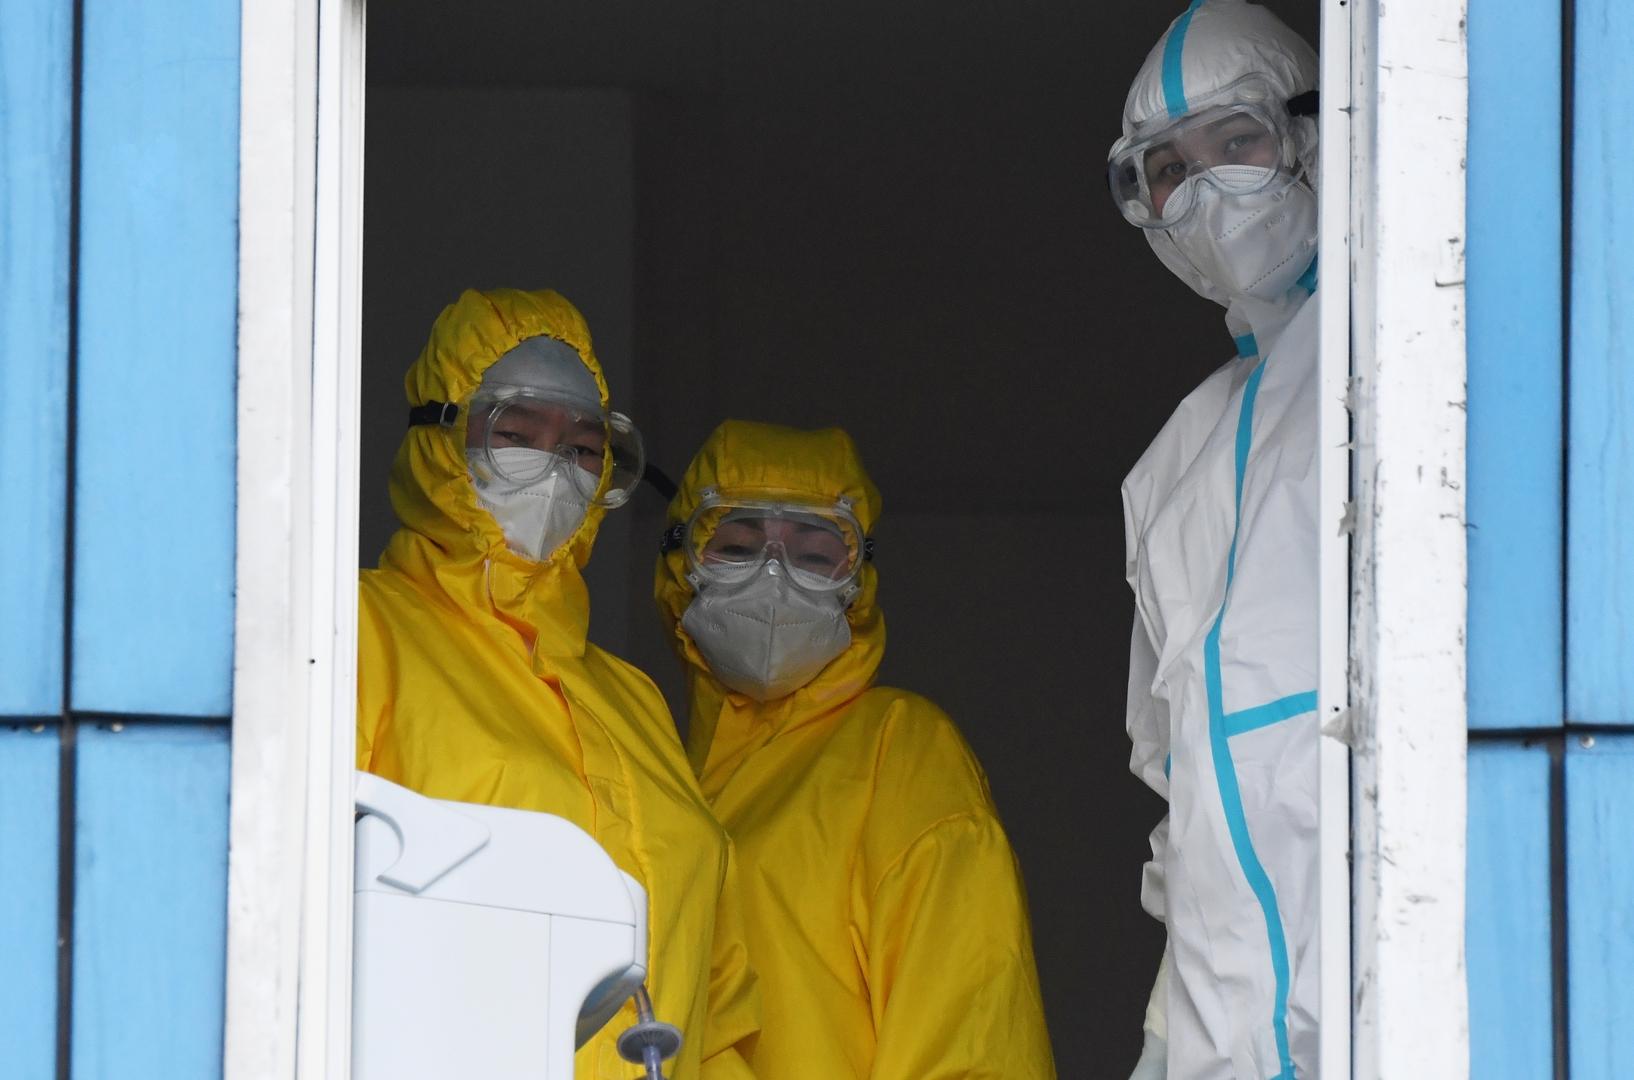 روسيا تسجل 23947 إصابة جديدة بفيروس كورونا